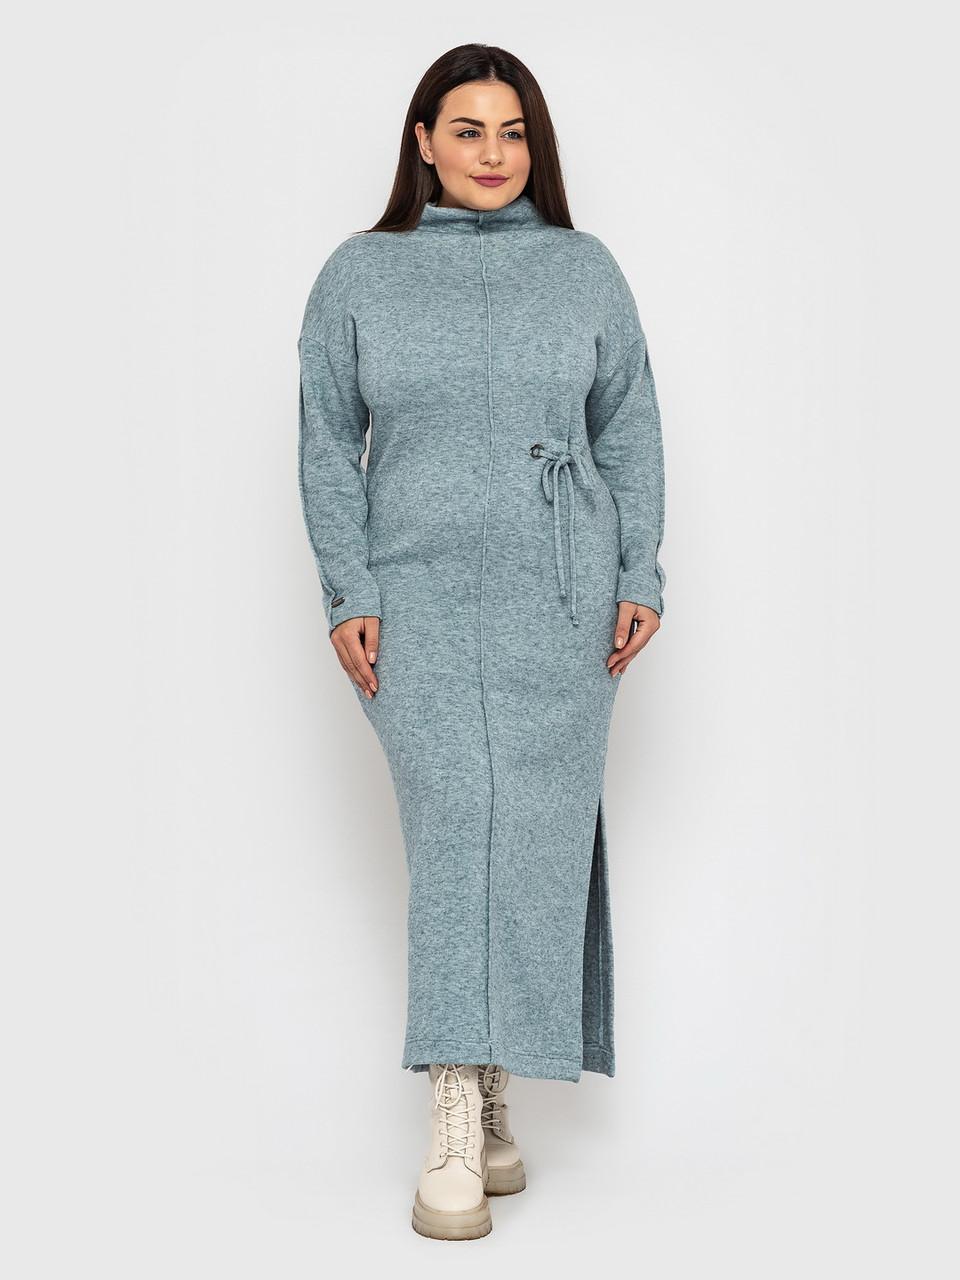 Стильное теплое платье больших размеров